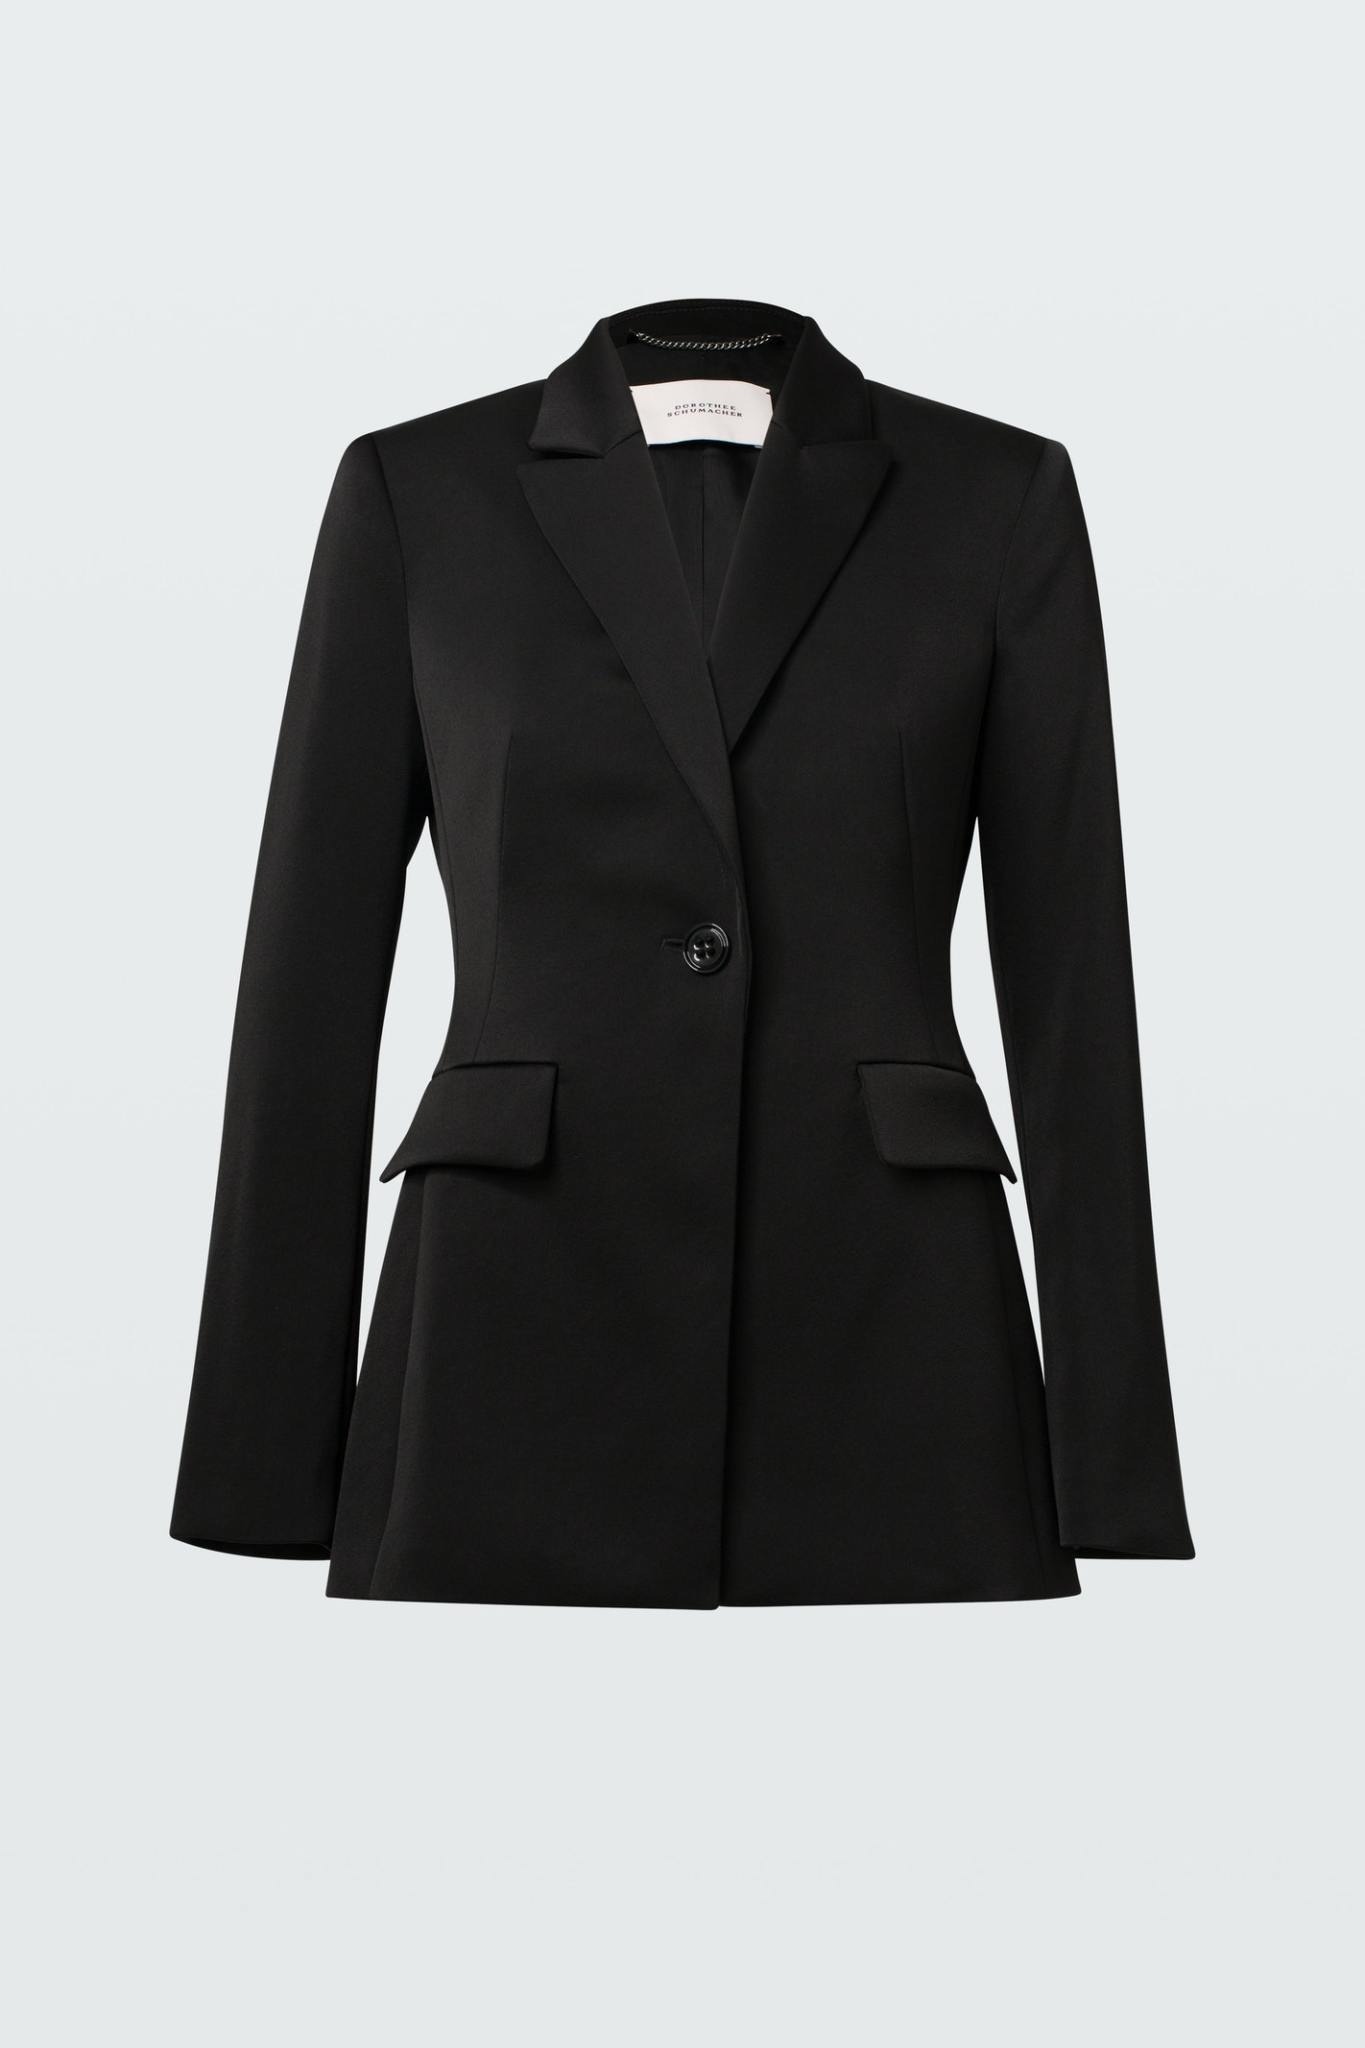 Classy statement jacket dorothee schumacher-8